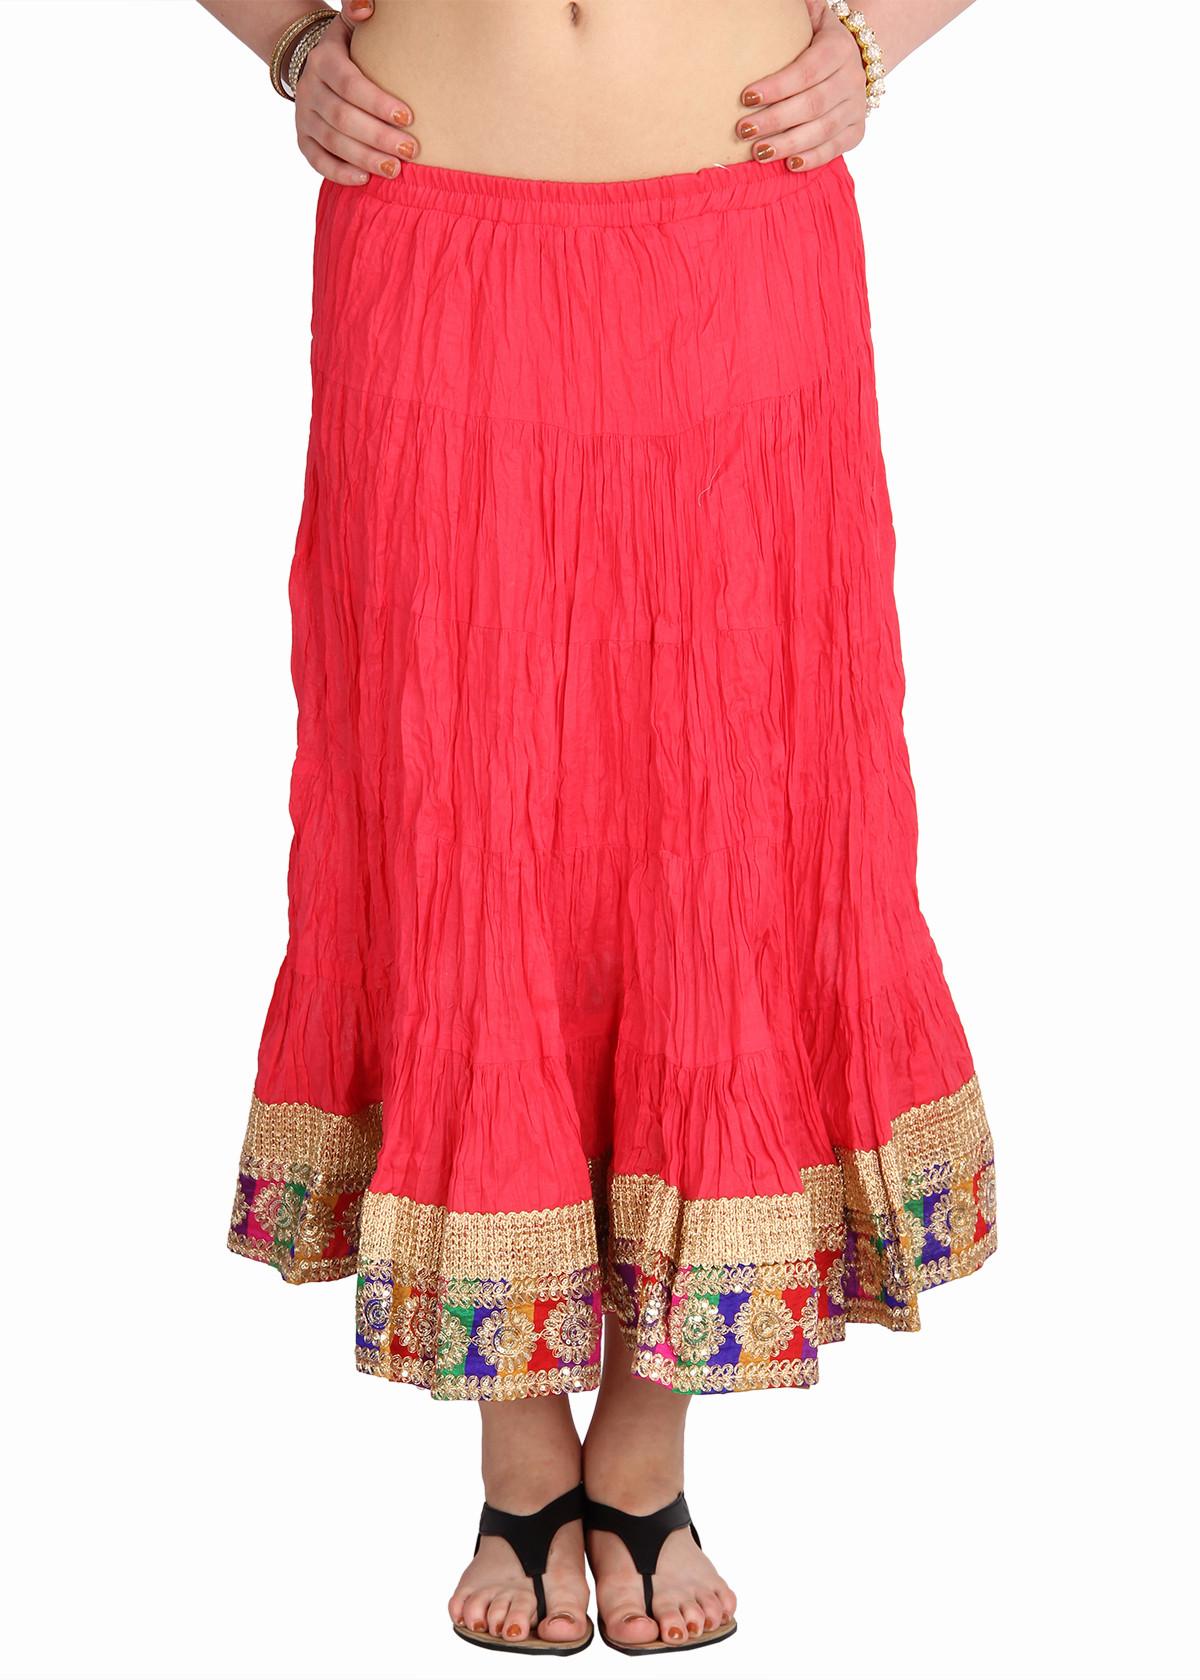 Mina Bazaar Self Design Womens A-line Red, Gold Skirt